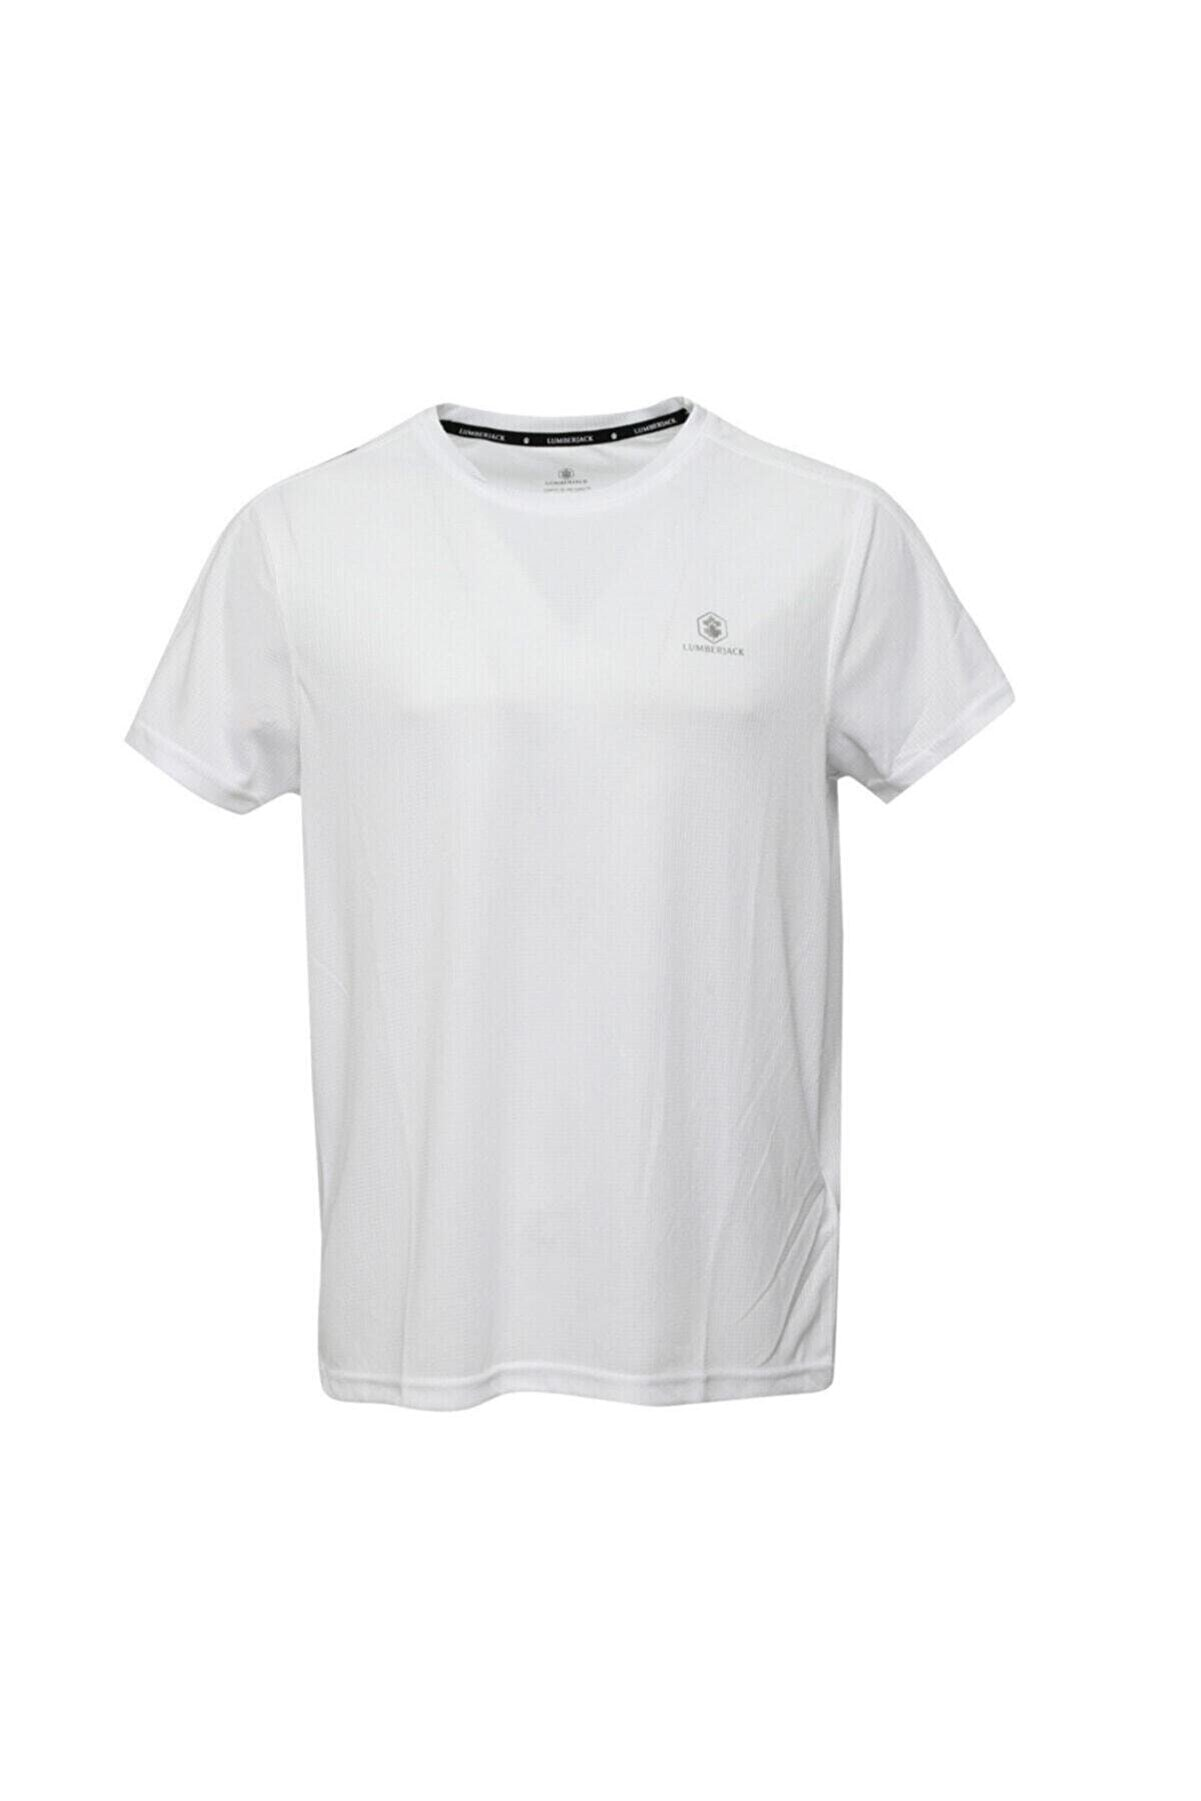 Lumberjack Erkek T-shirt Beyaz As00542625 100582339 Ct177 Leon Basic